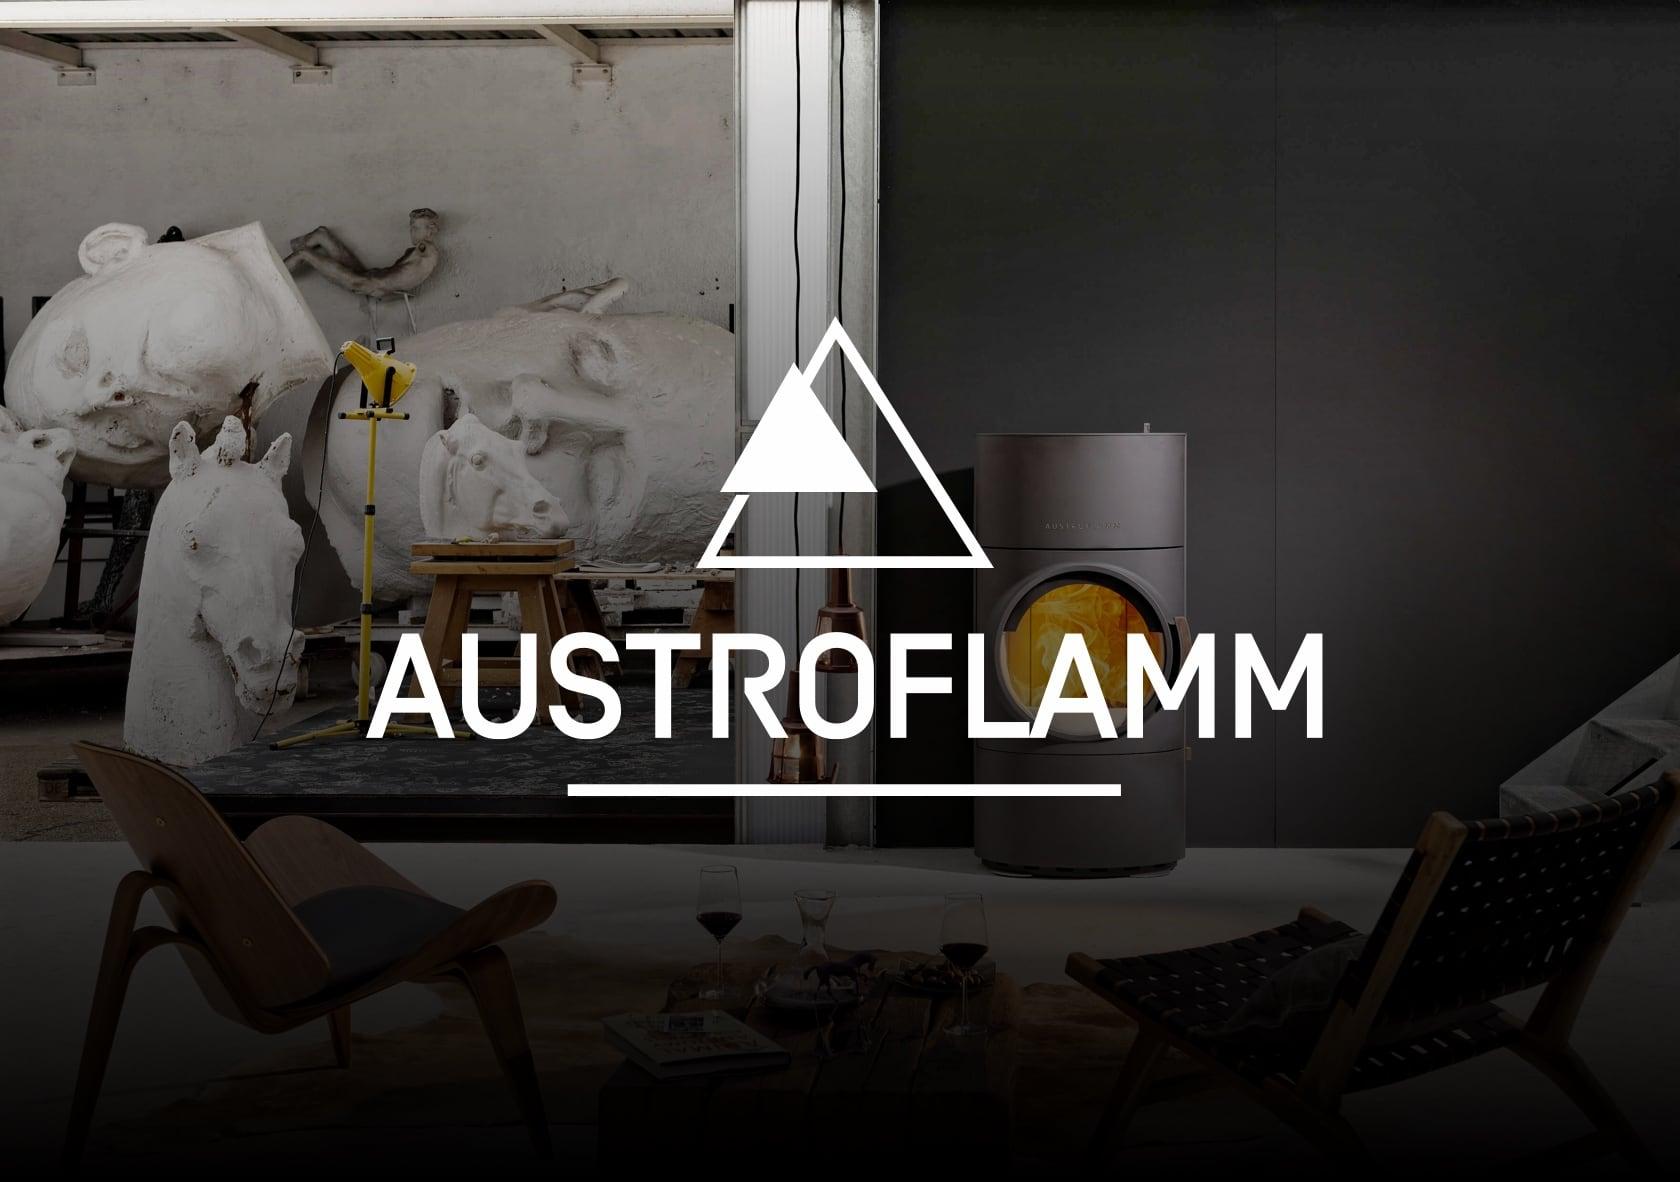 Bild eines Ofens mit dem Logo Austroflamm